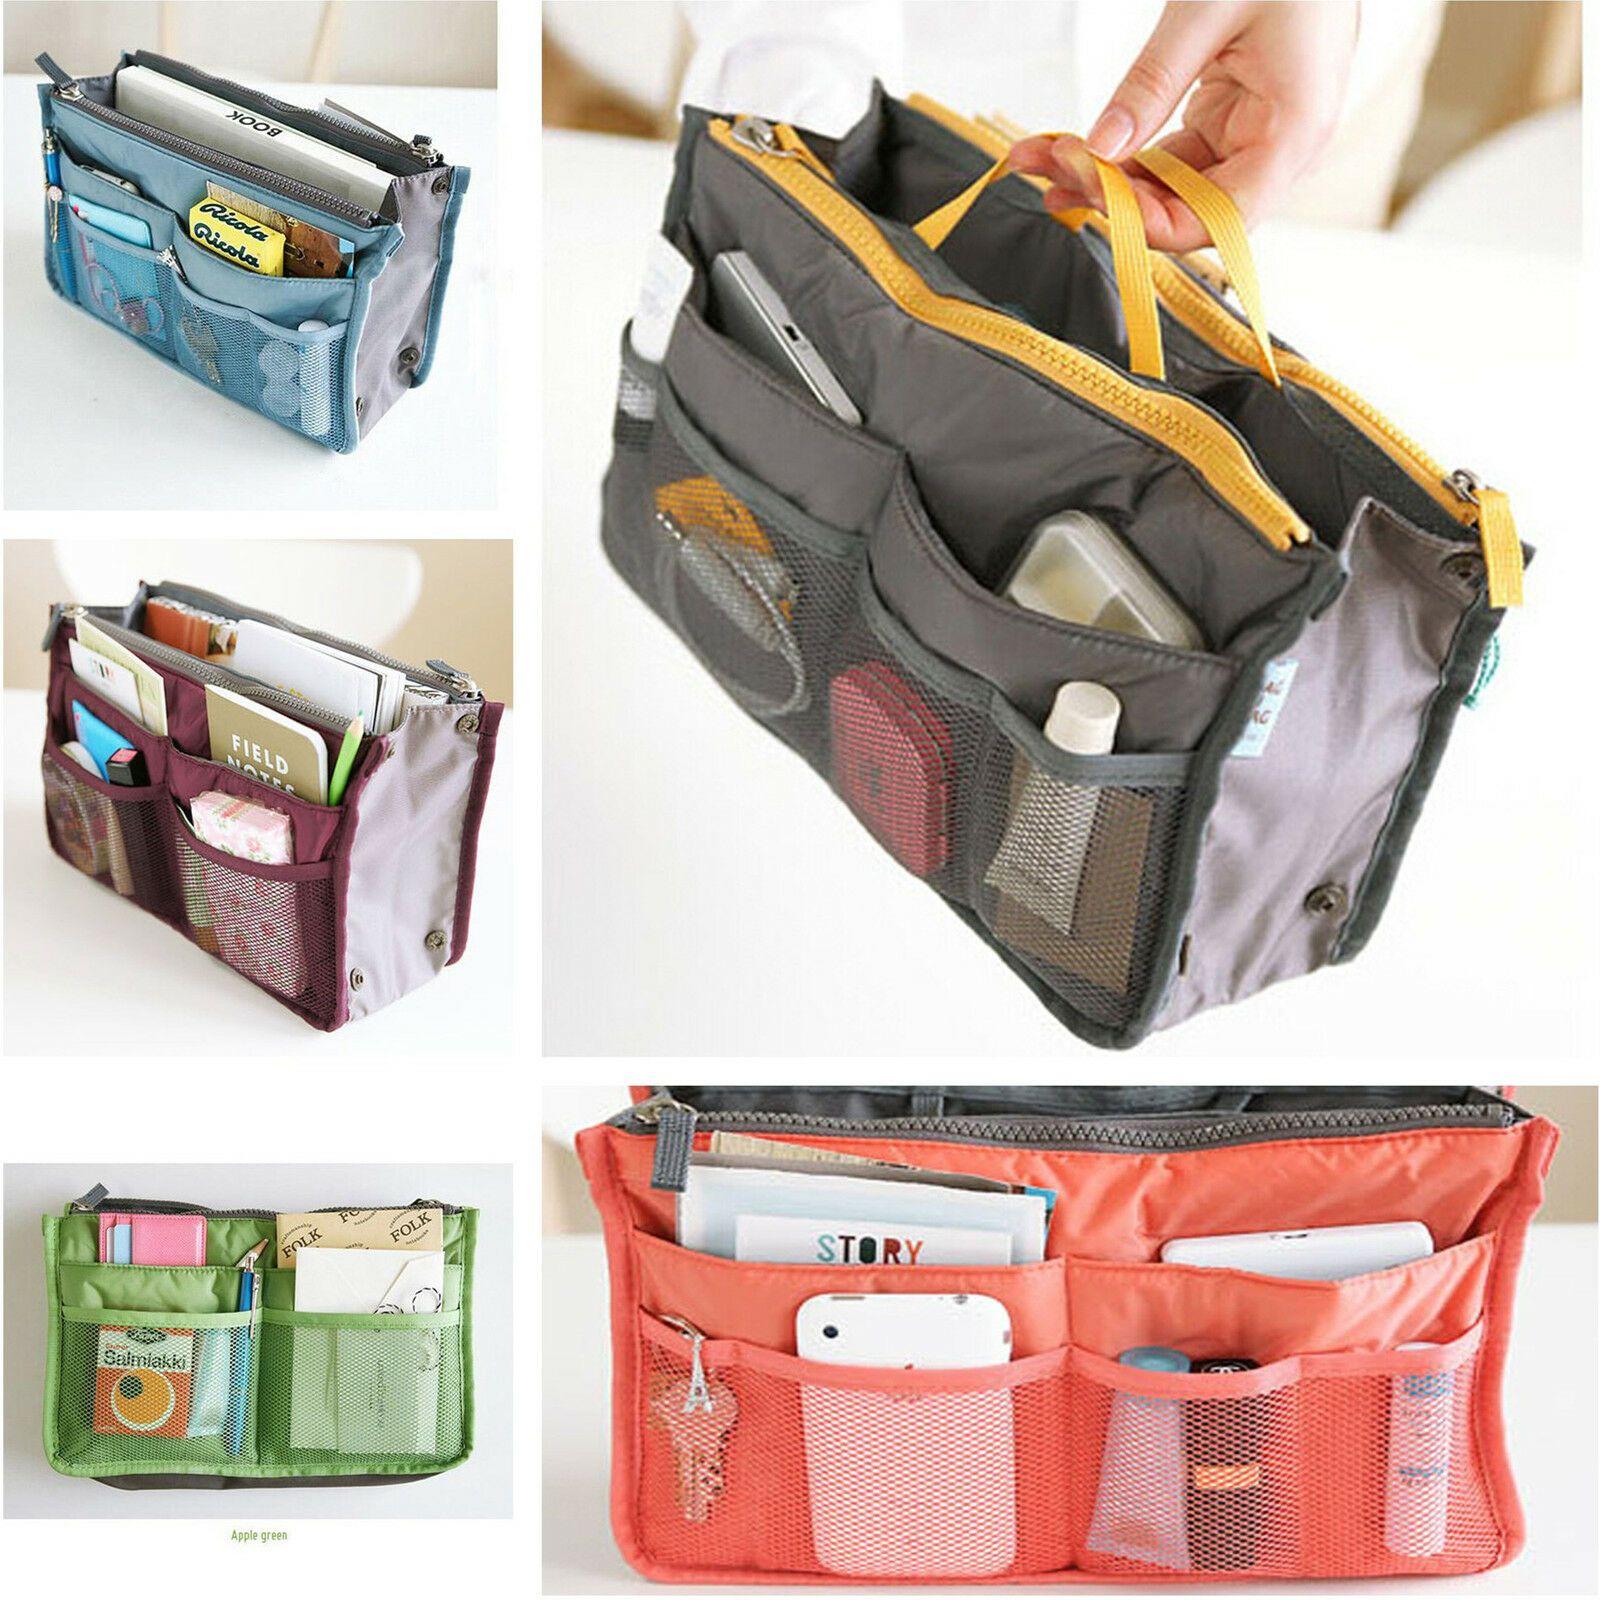 Le donne portatili delle donne che viaggiano all'aperto insaccano l'imballaggio cosmetico della borsa dell'organizzatore della borsa dell'organizzatore della fodera della borsa che compongono la borsa ordinata di immagazzinaggio